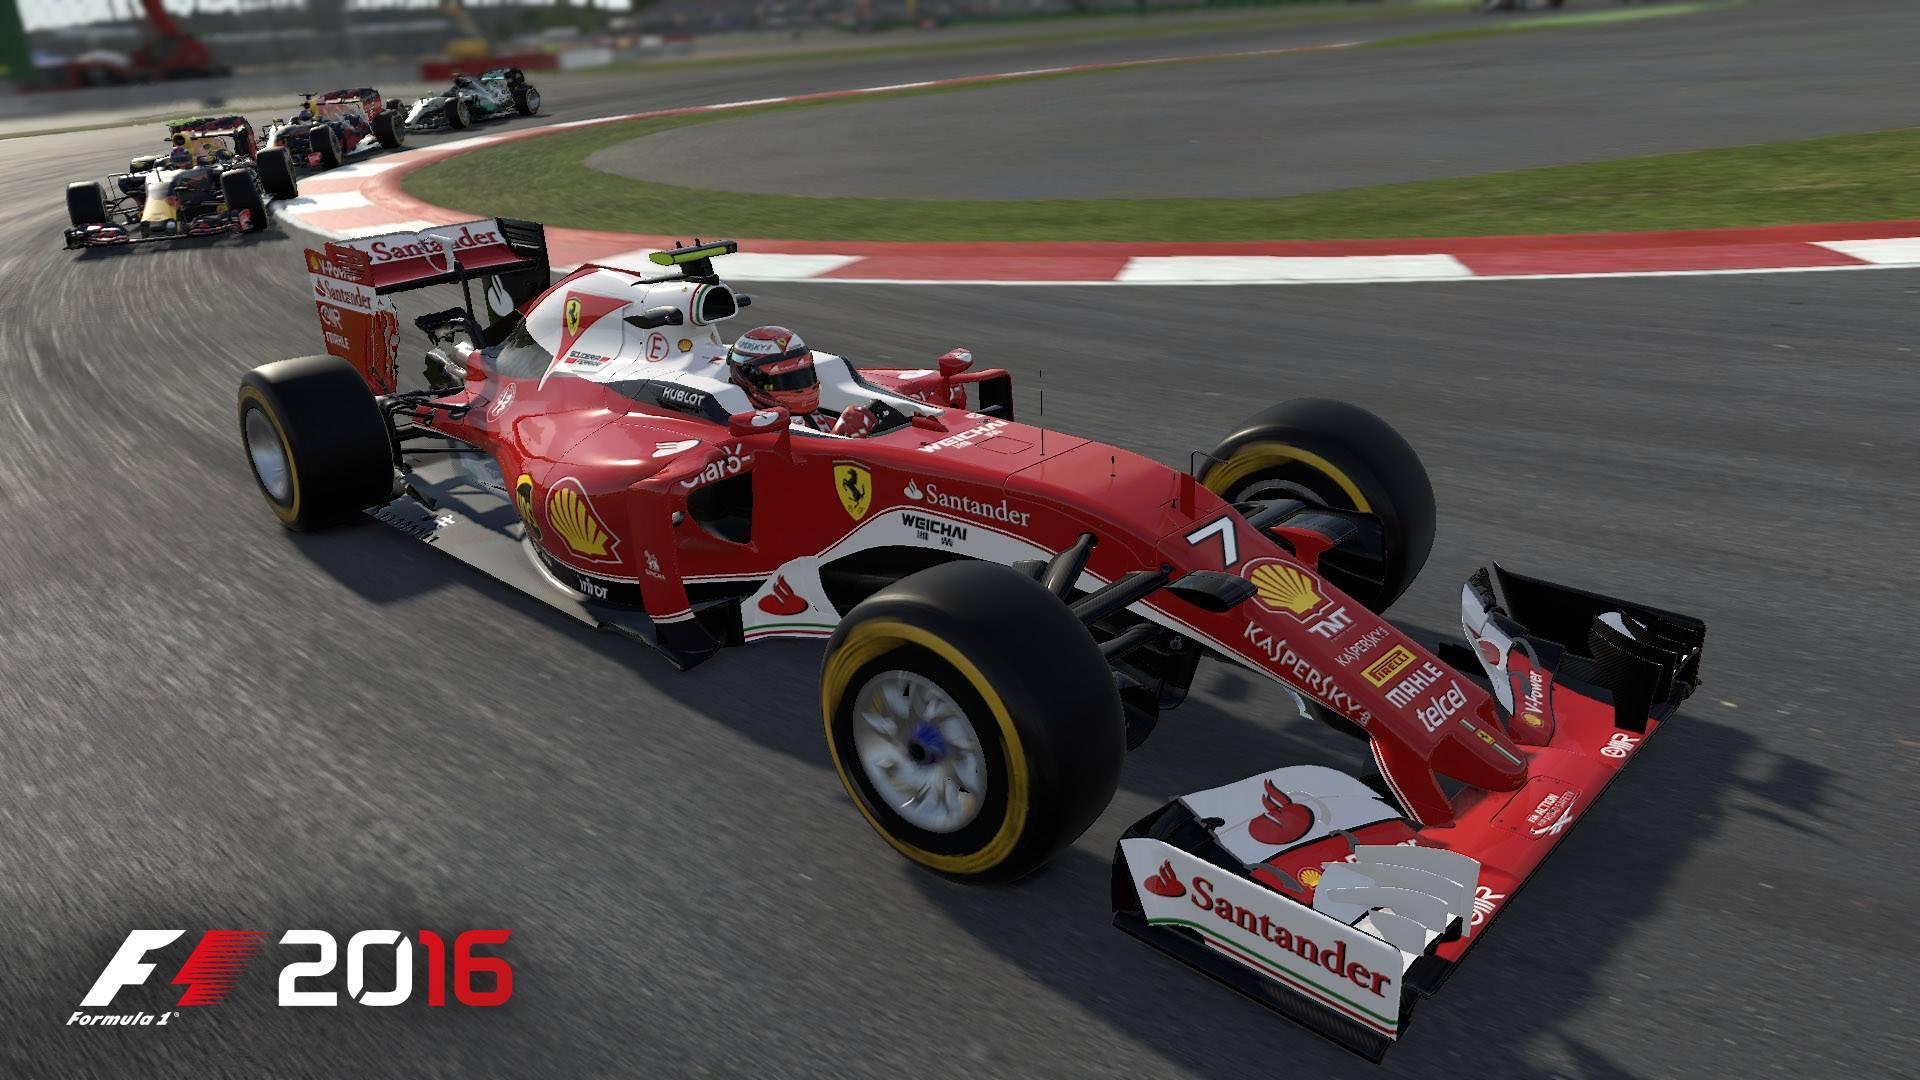 Nové obrázky z F1 2016 127103